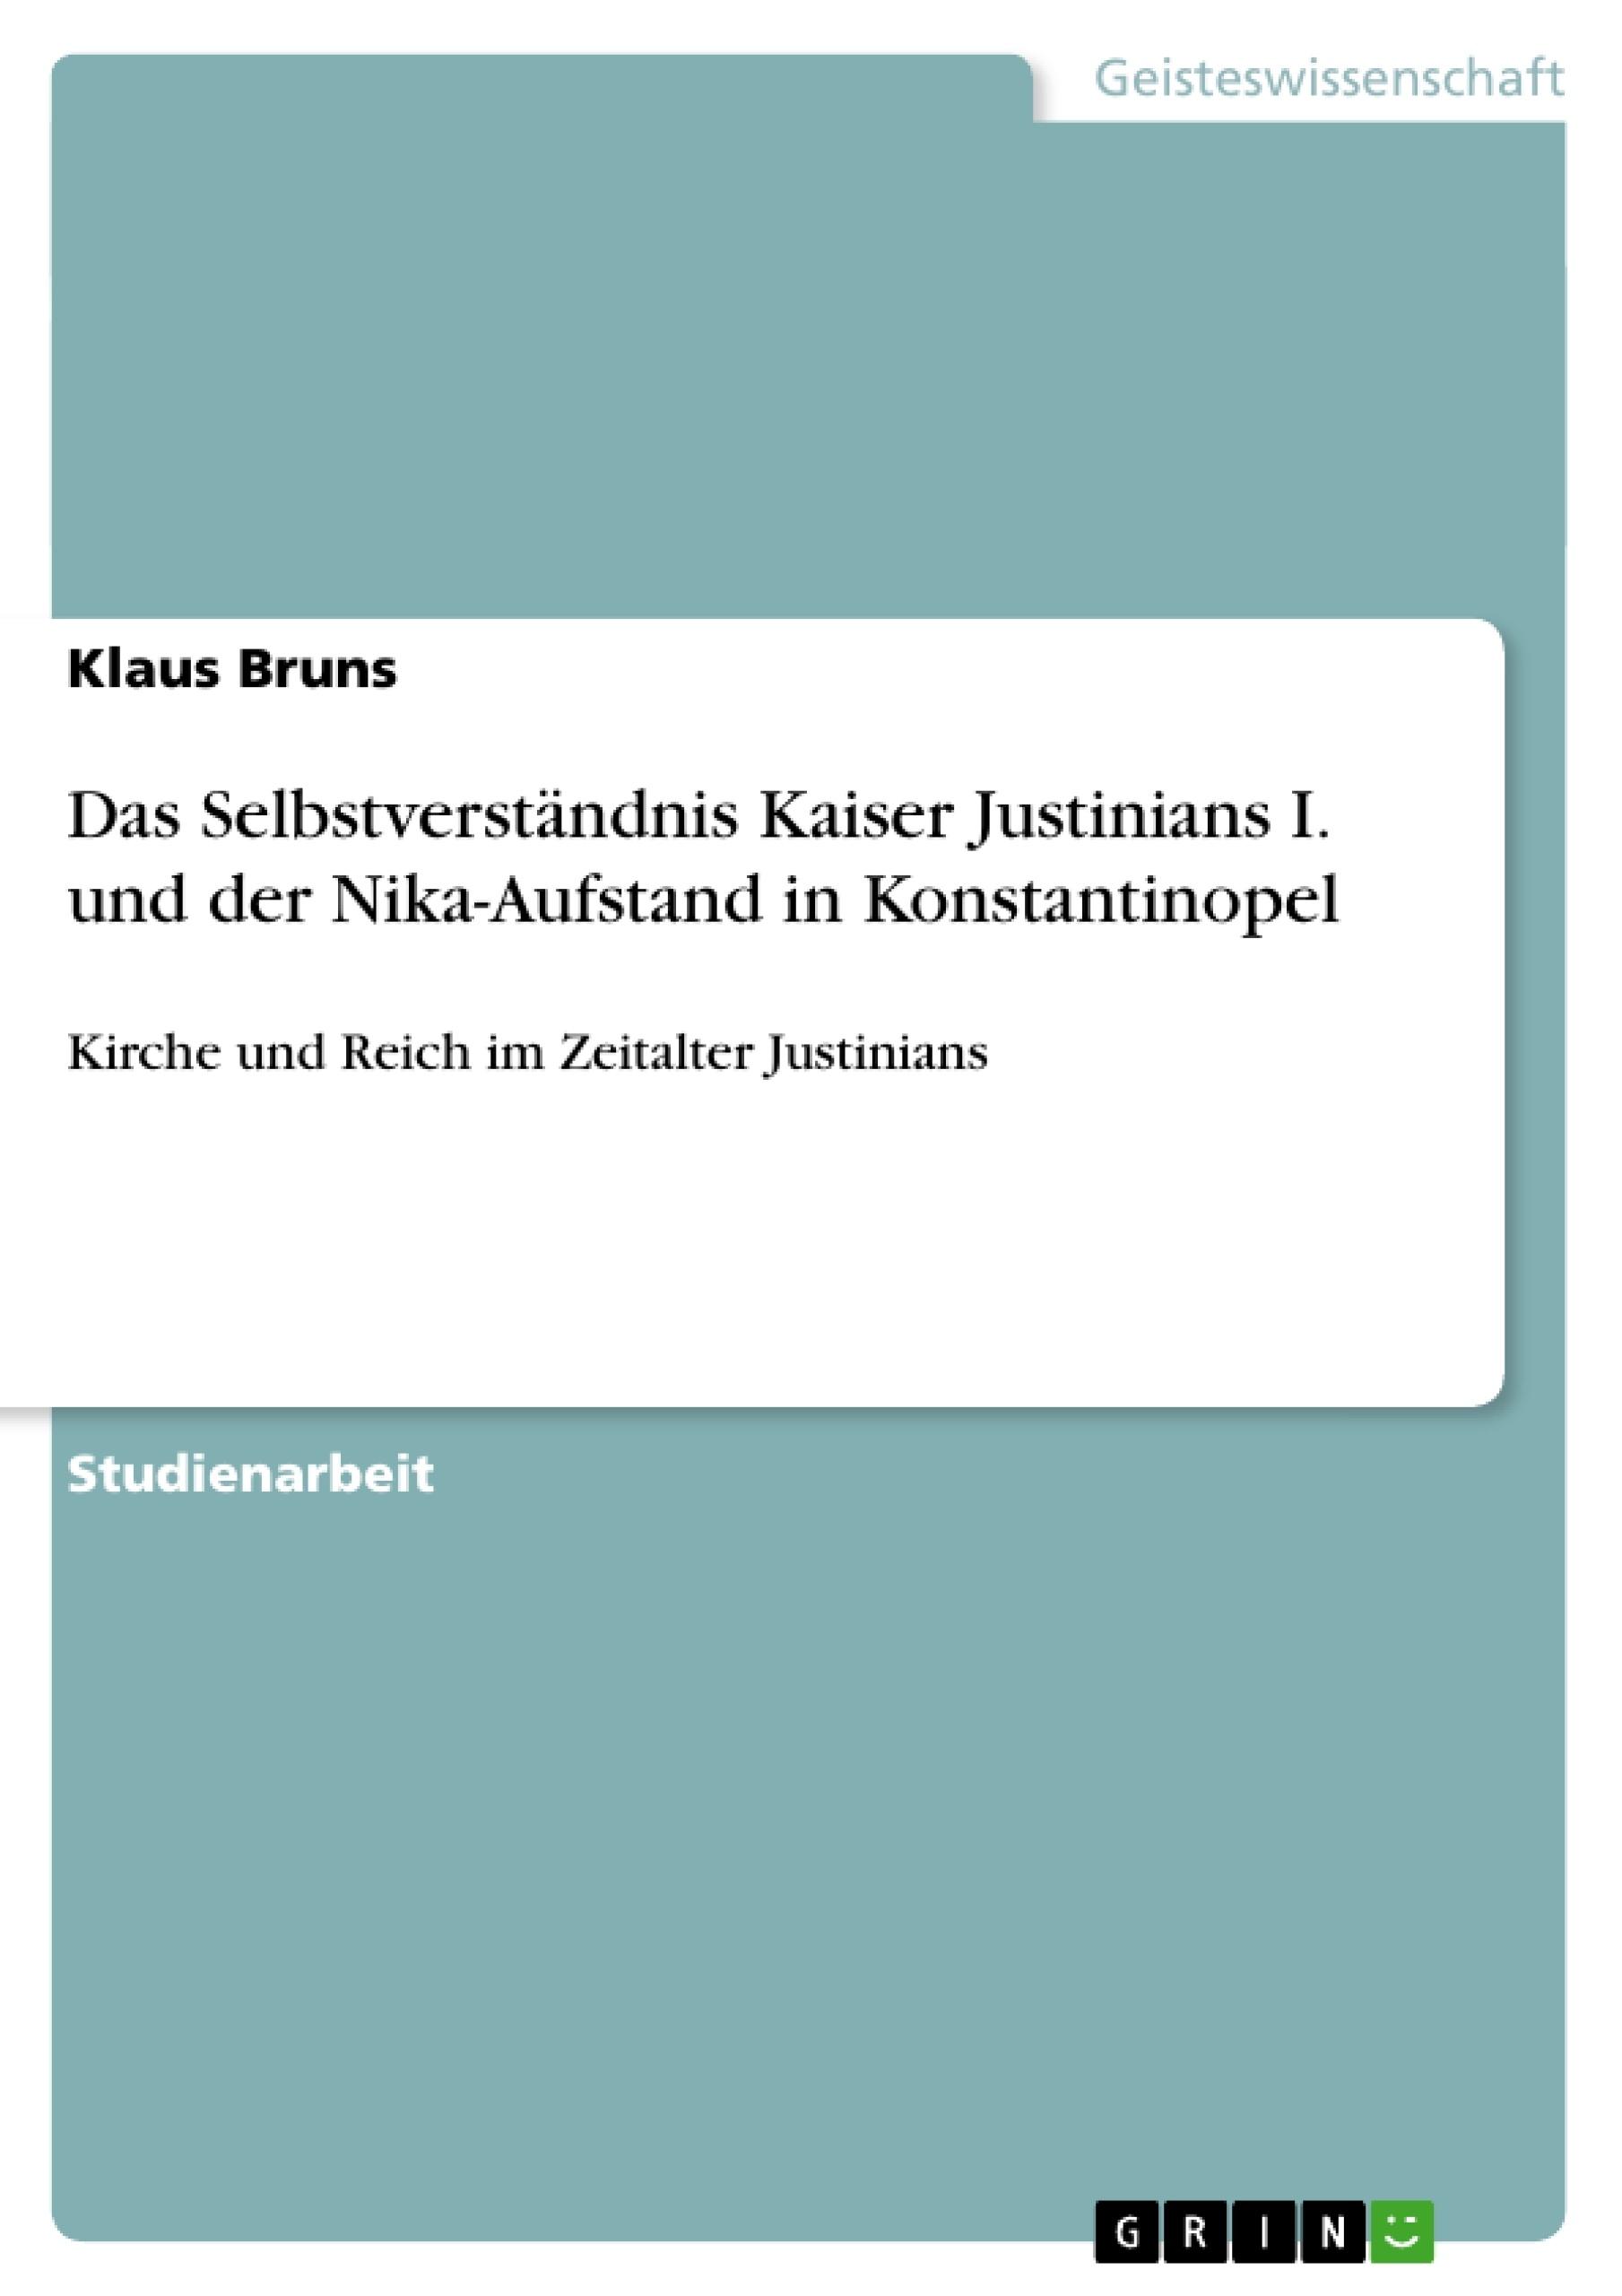 Titel: Das Selbstverständnis Kaiser Justinians I. und der Nika-Aufstand in Konstantinopel